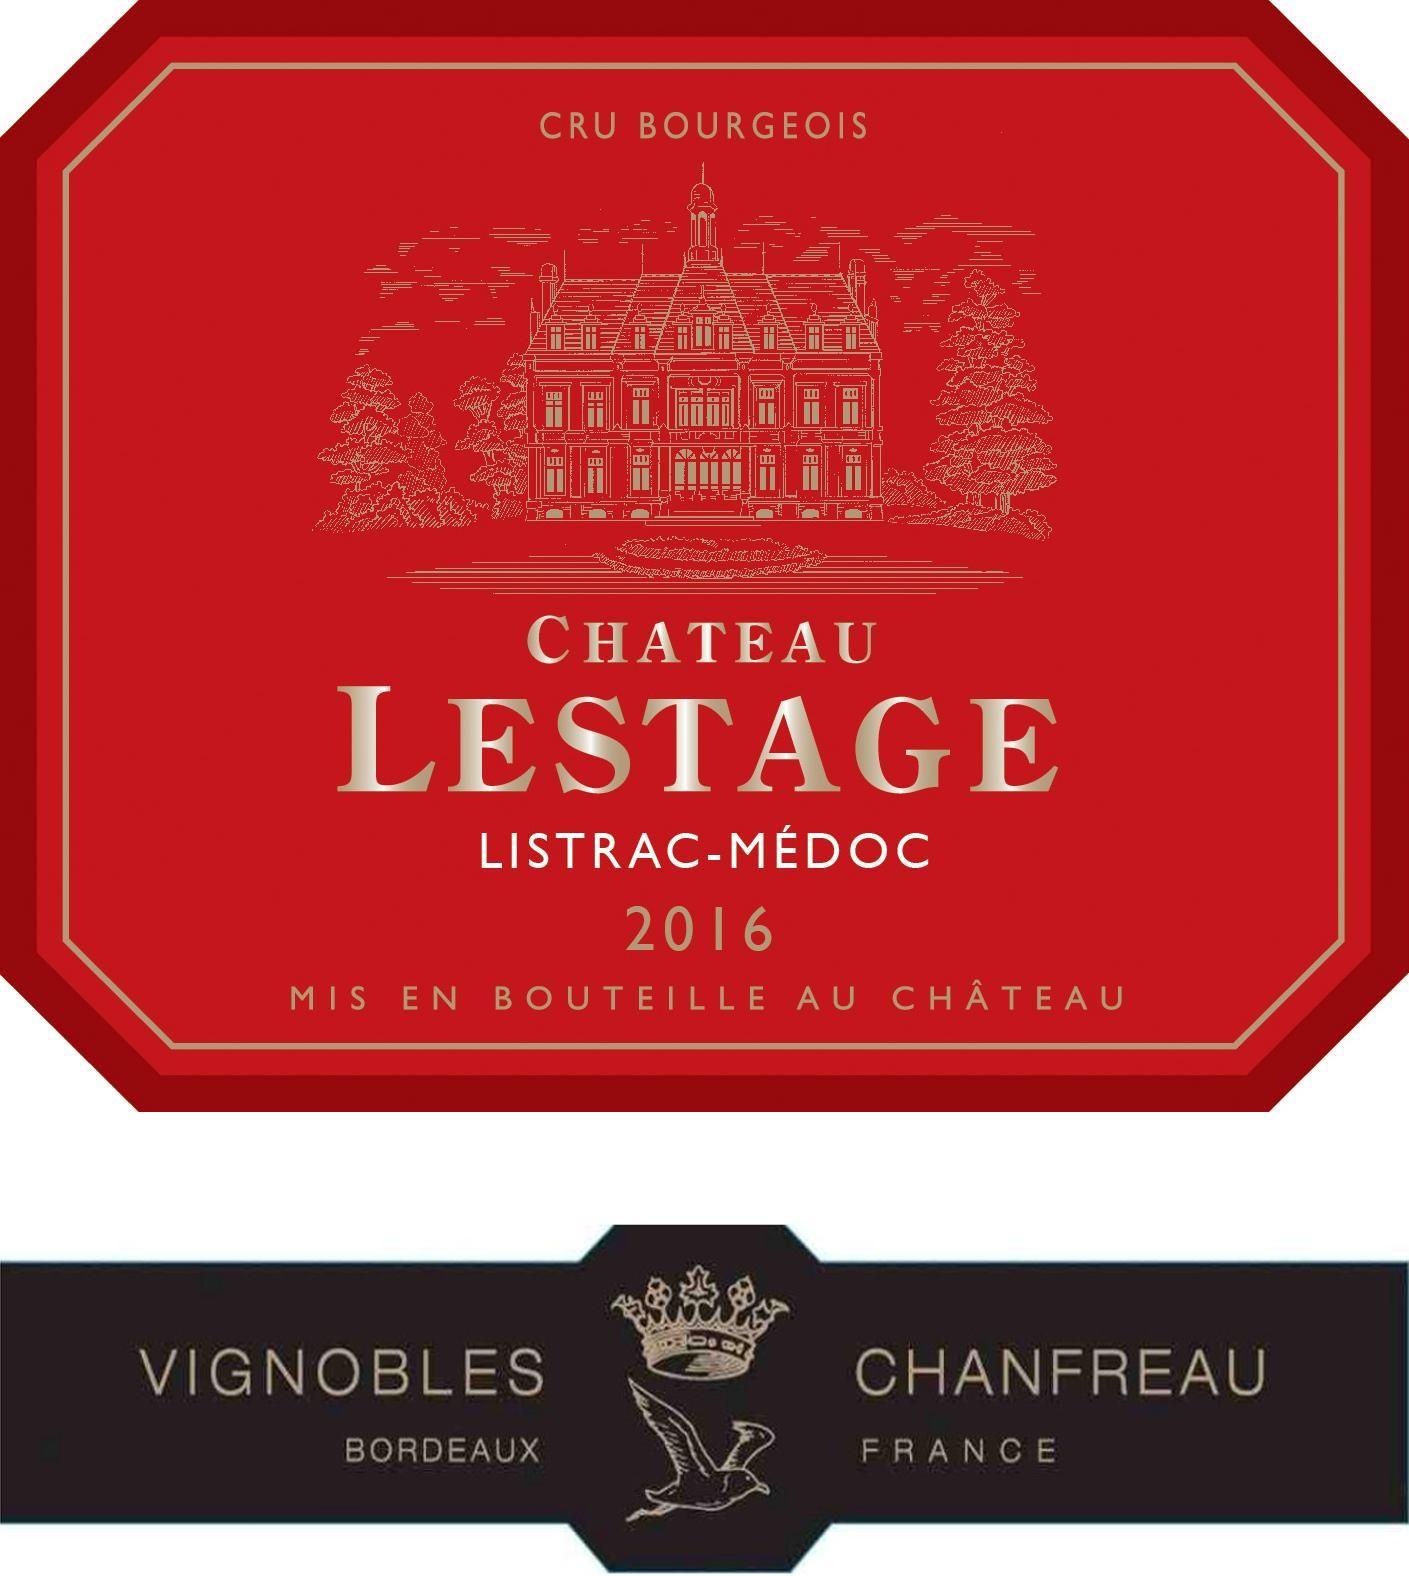 Chateau Lestage 2016